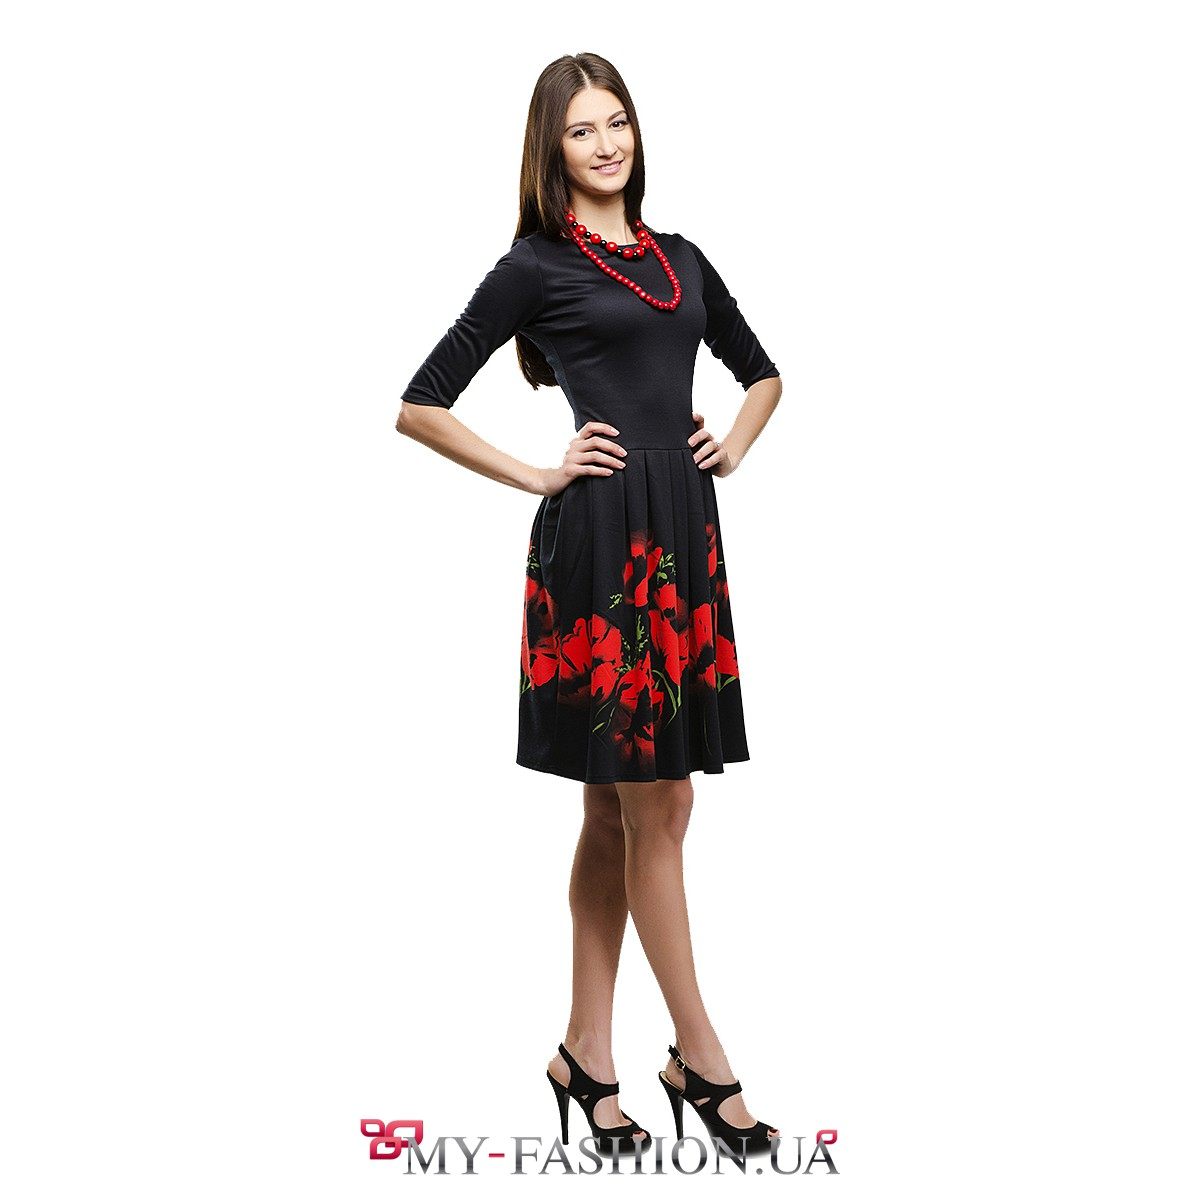 Платье с пышной юбкой купить с доставкой